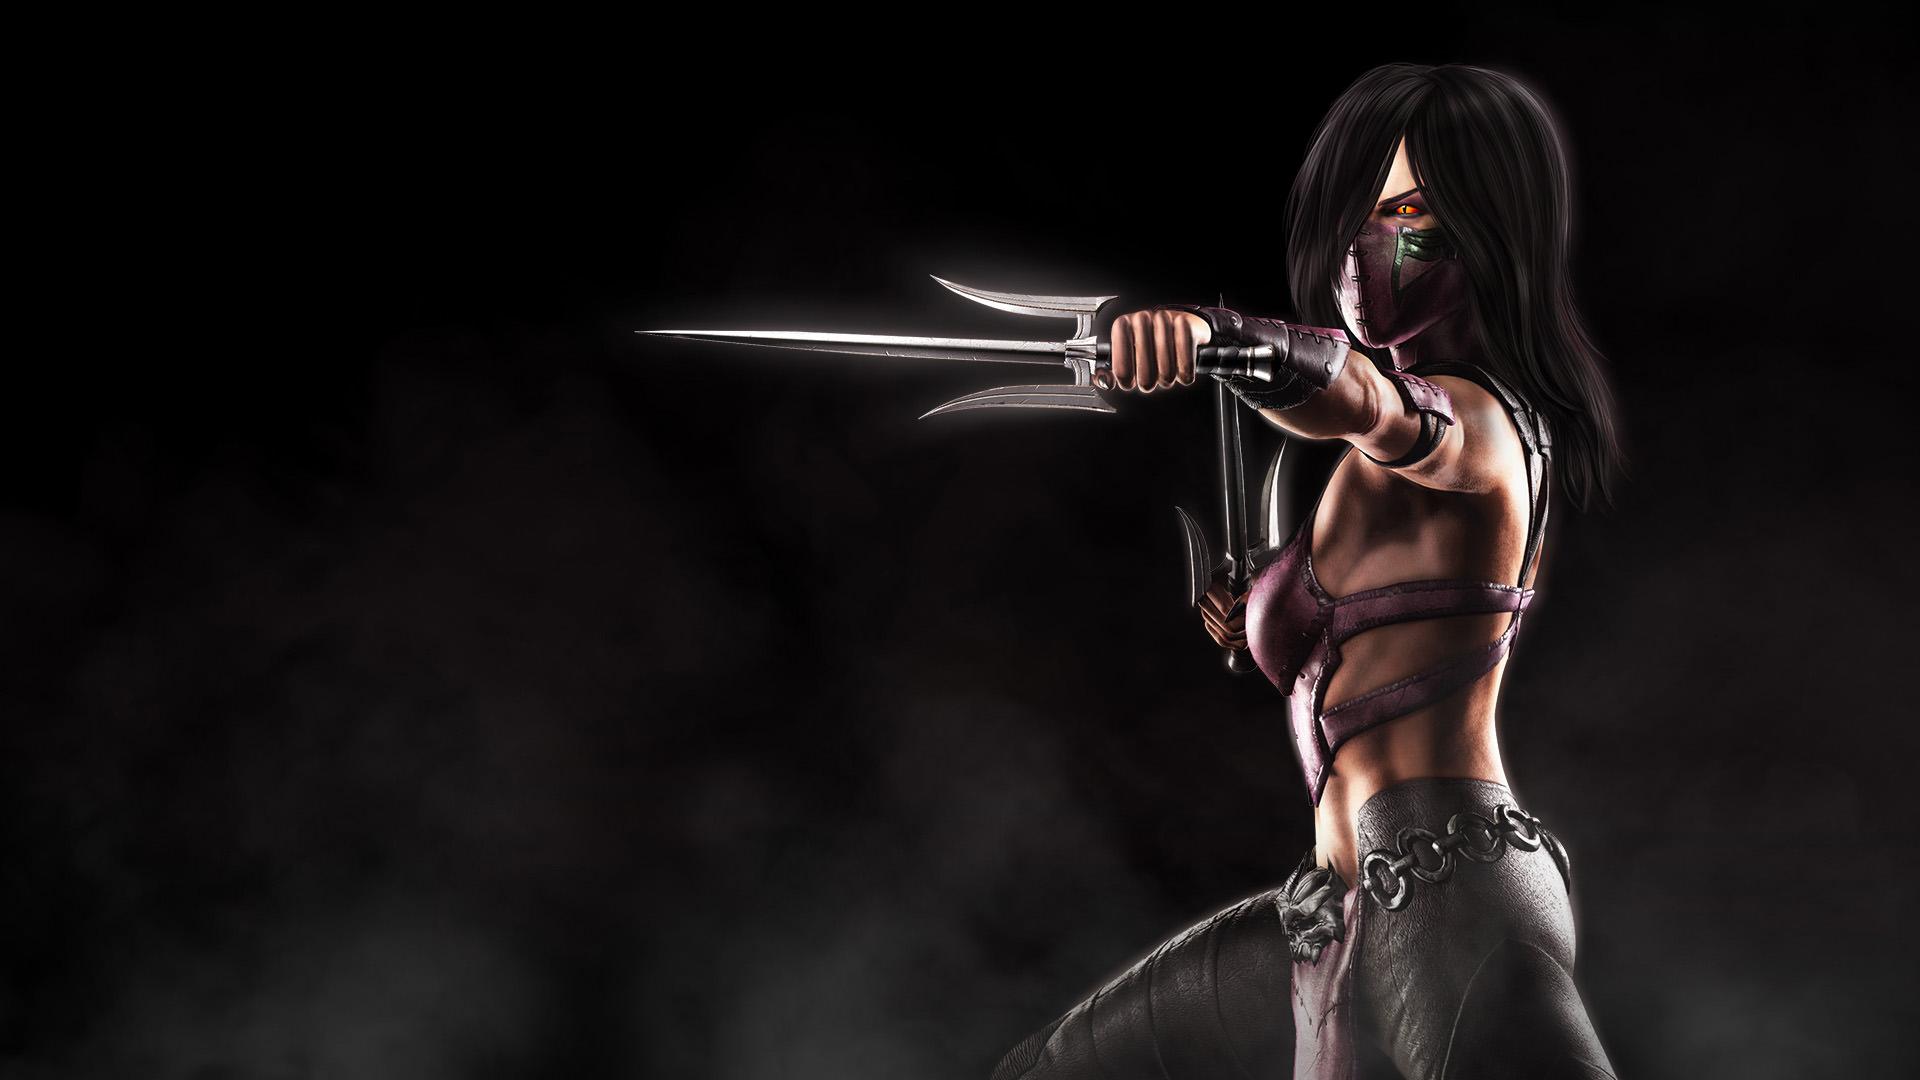 ninjas wallpaper hd